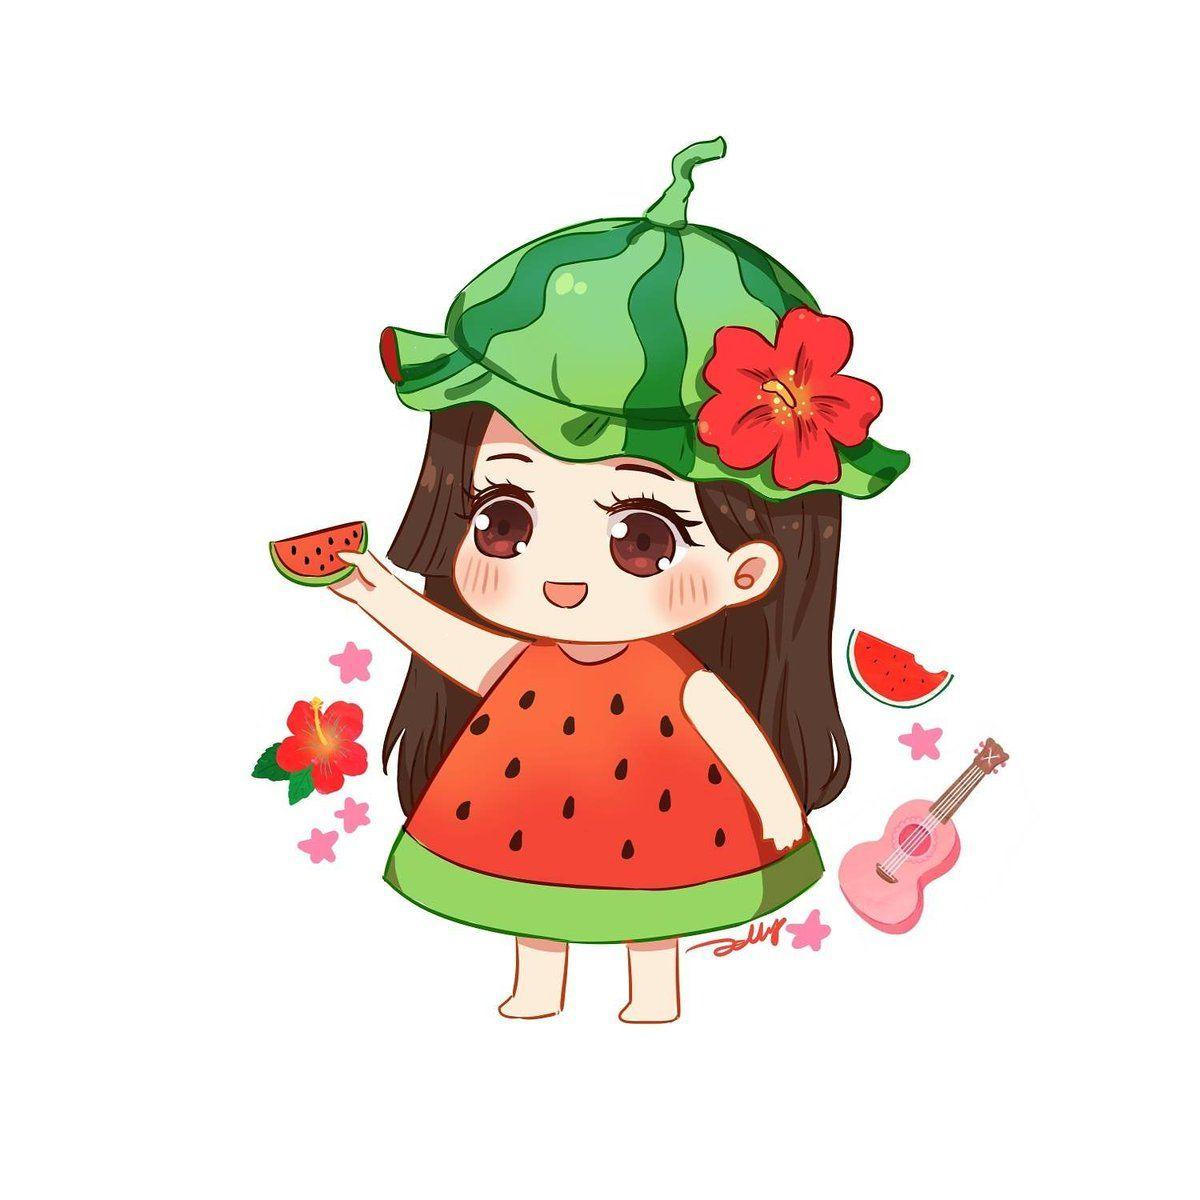 Jellyjellywing On Twitter Cute Cartoon Wallpapers Girls Cartoon Art Cartoon Girl Images